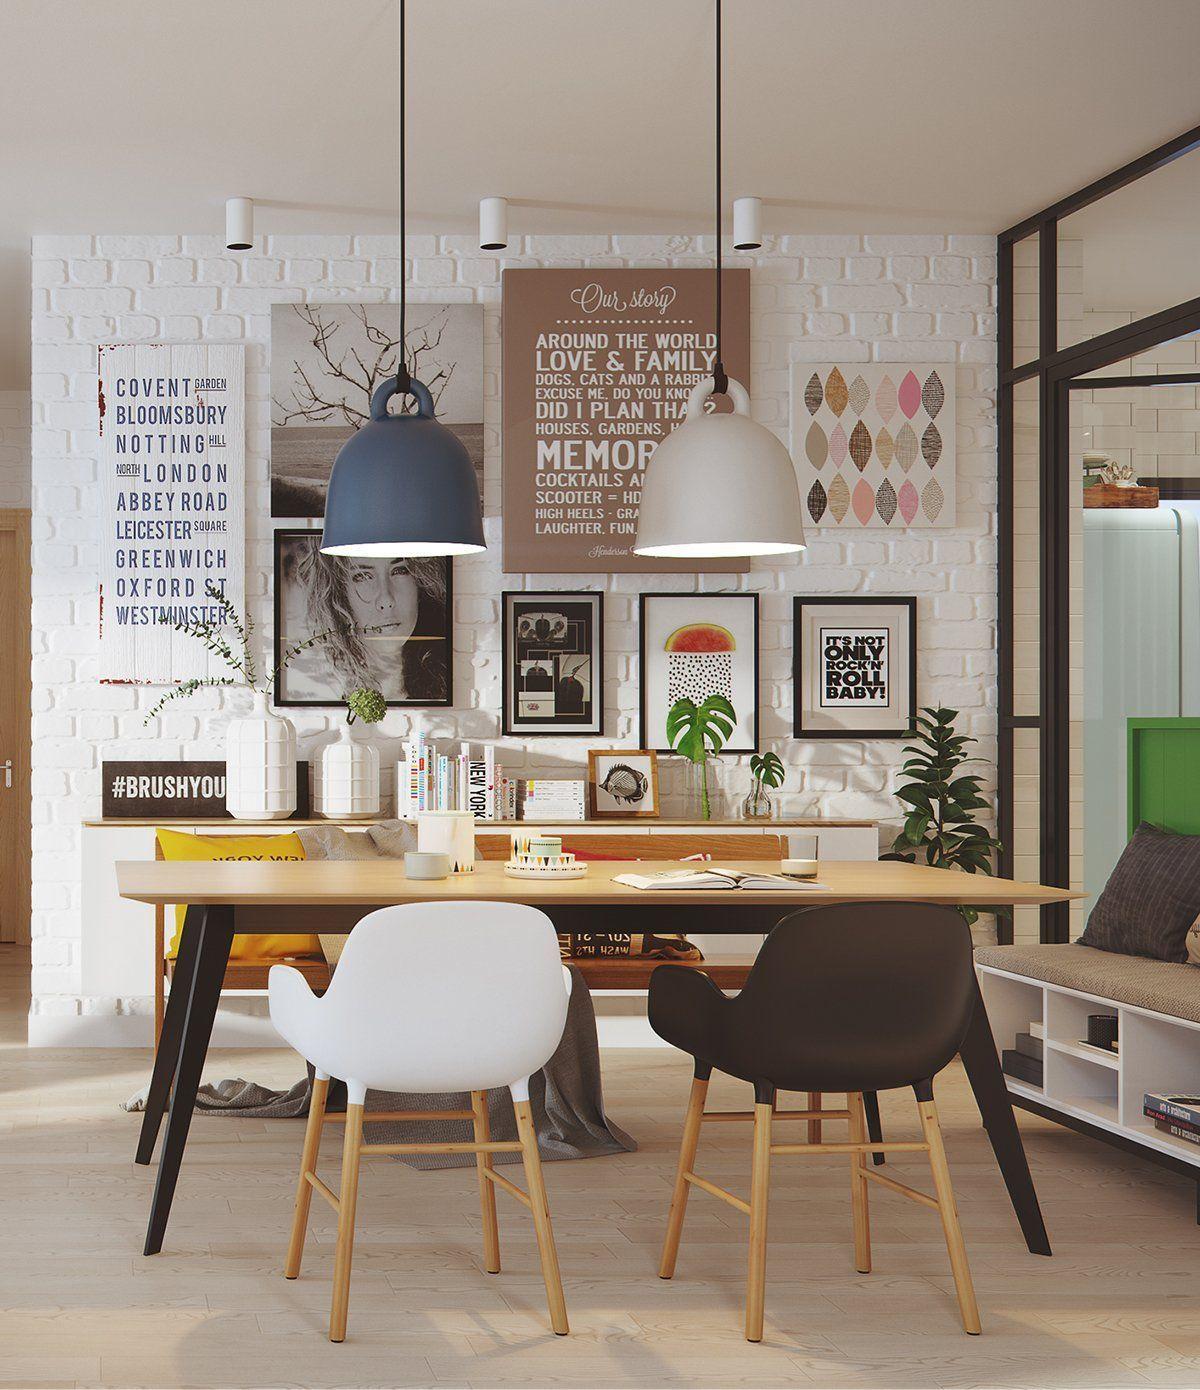 Modern scandinavian dining room chairs design ideas 04